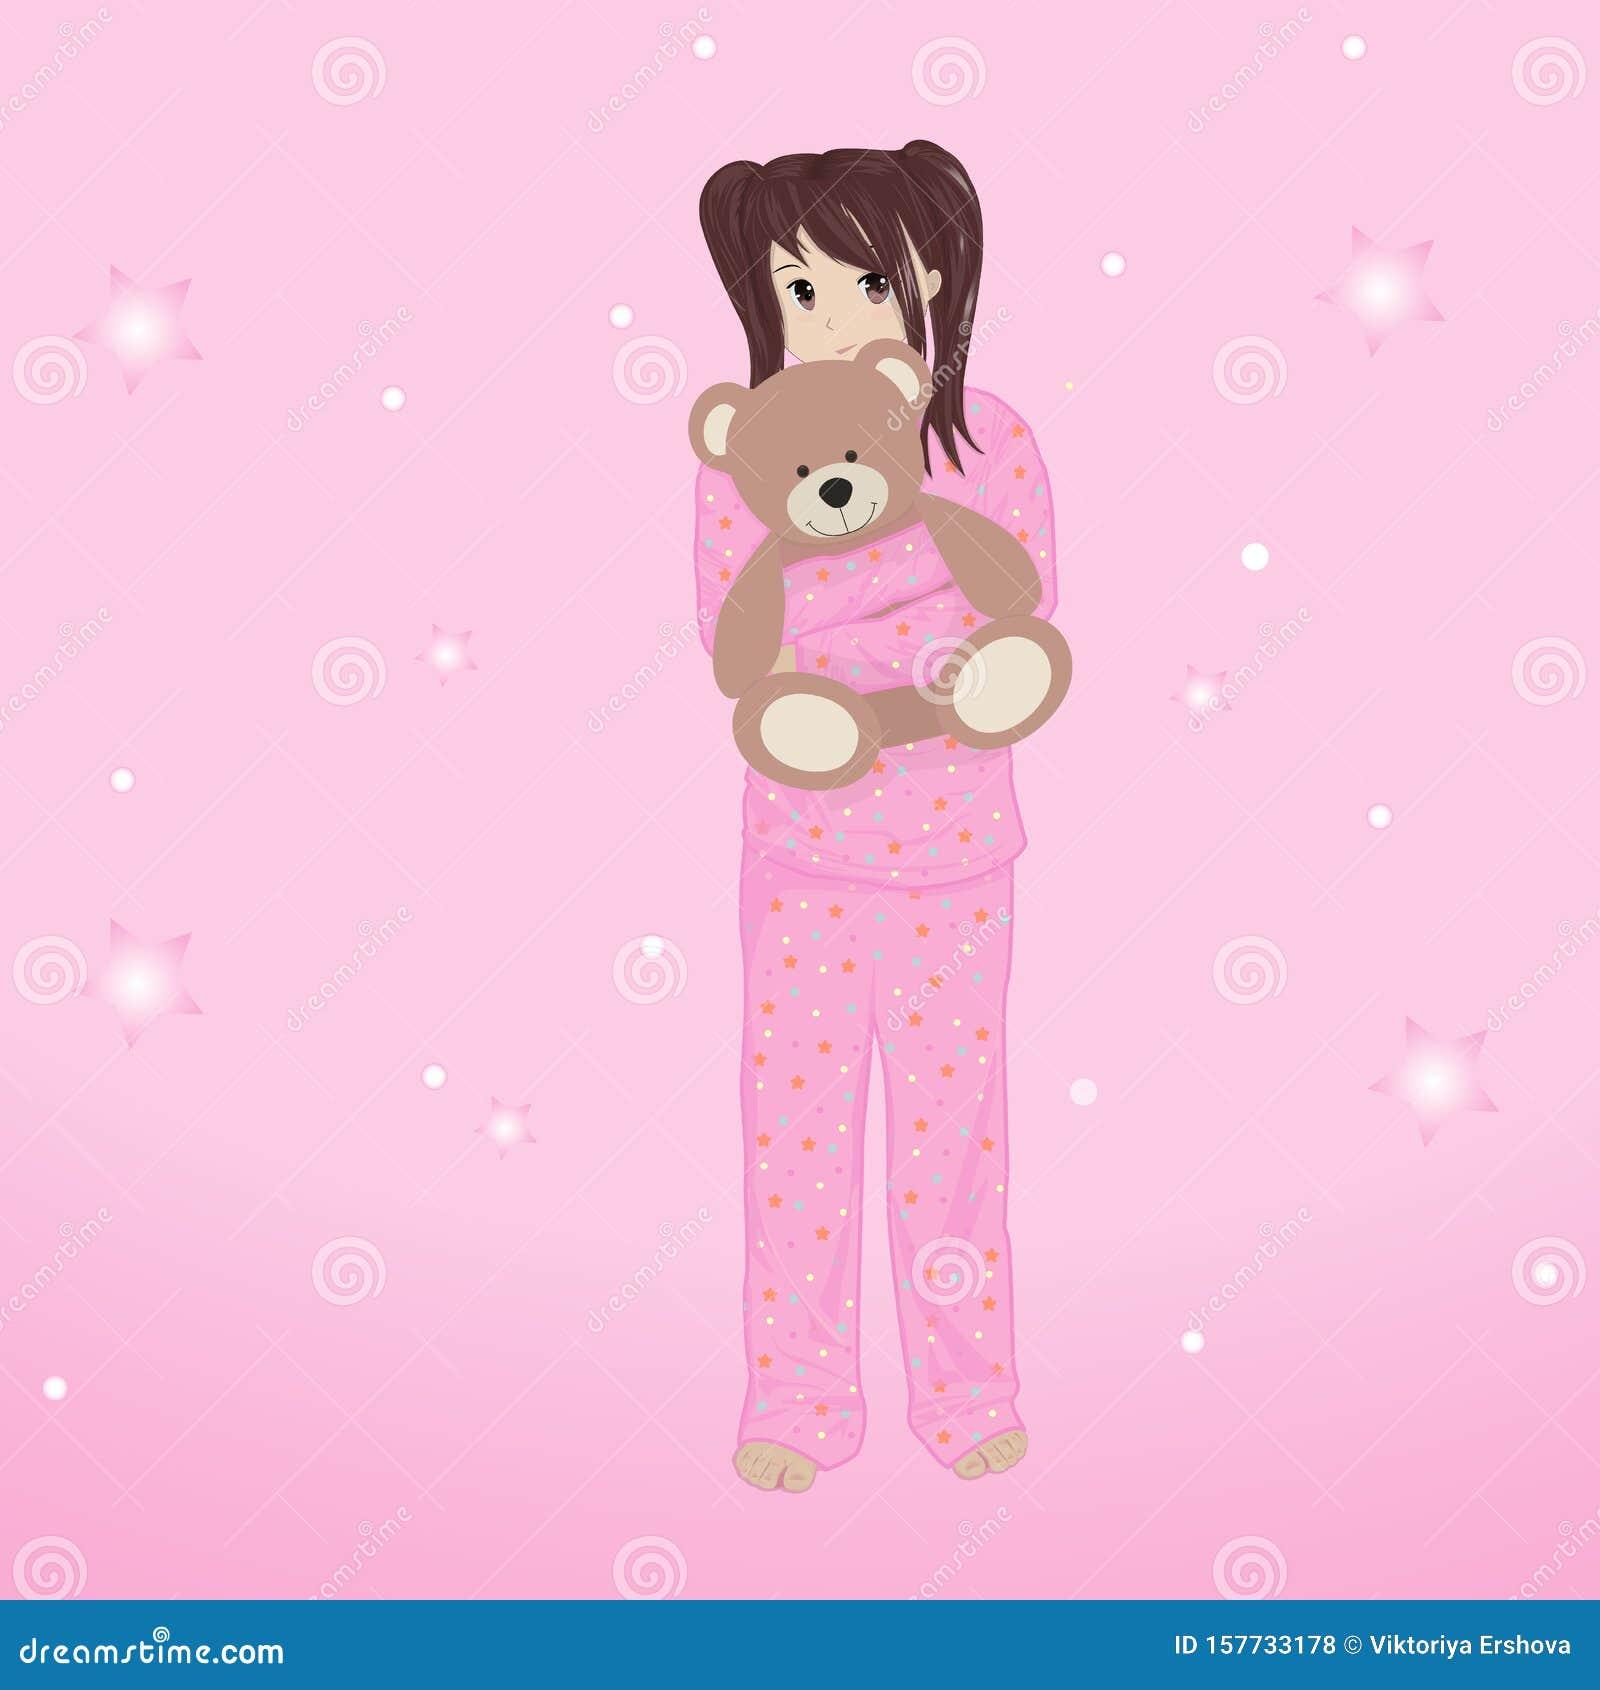 Anime Girl Growth girl in pajamas hugs a bear, anime, vector illustration